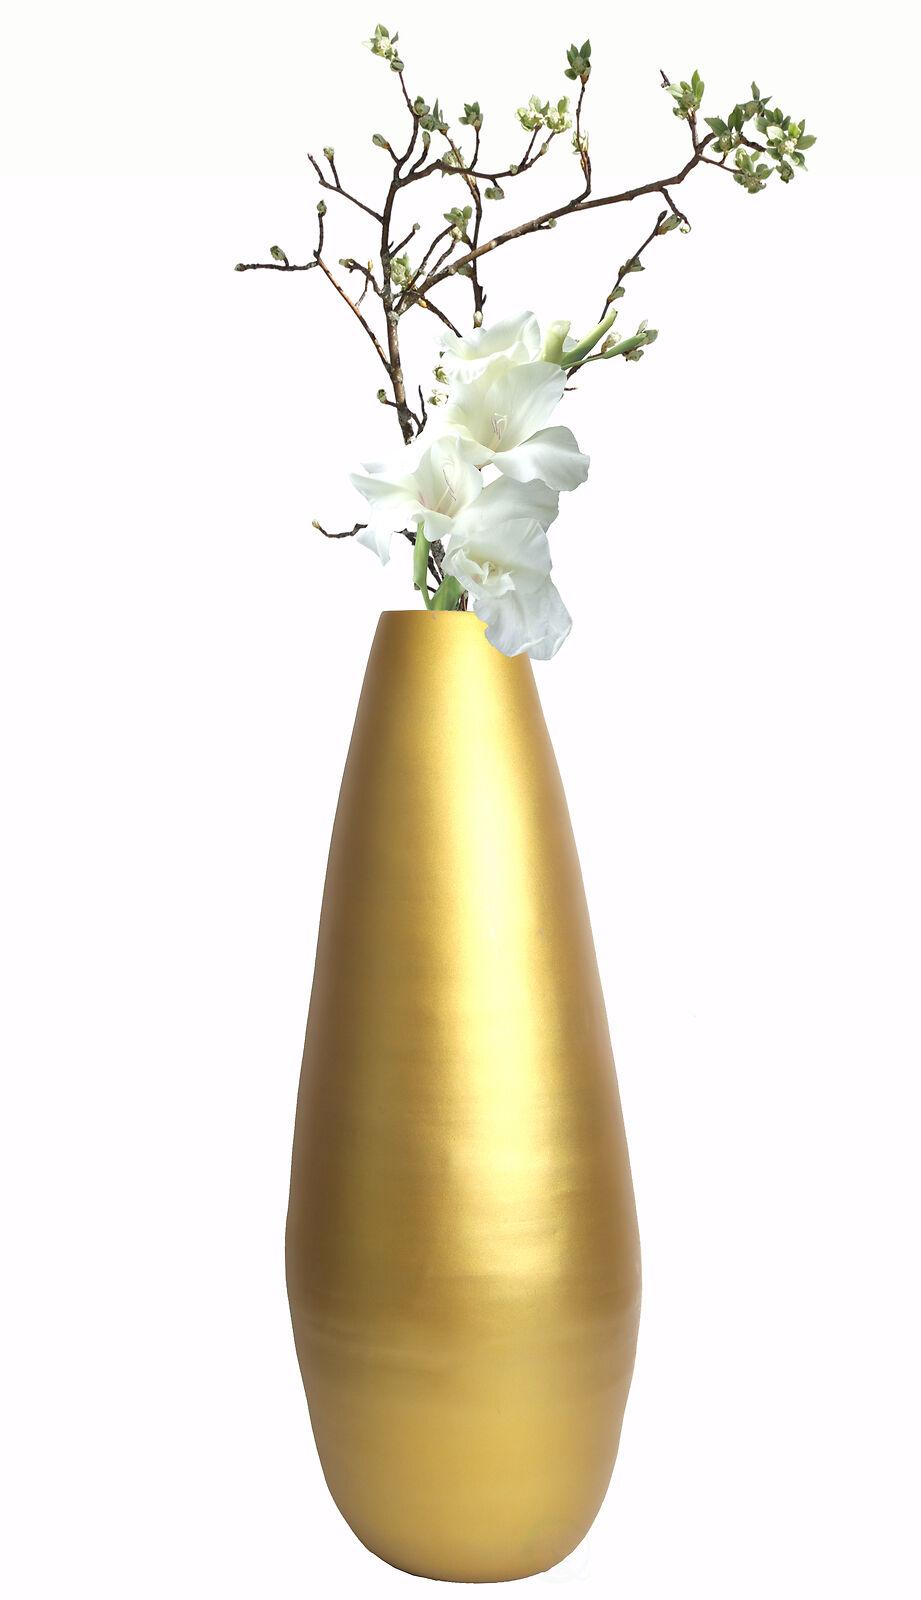 Nuevo uniquewise 31.5  hilado metálico alto Florero de piso moderna de bambú